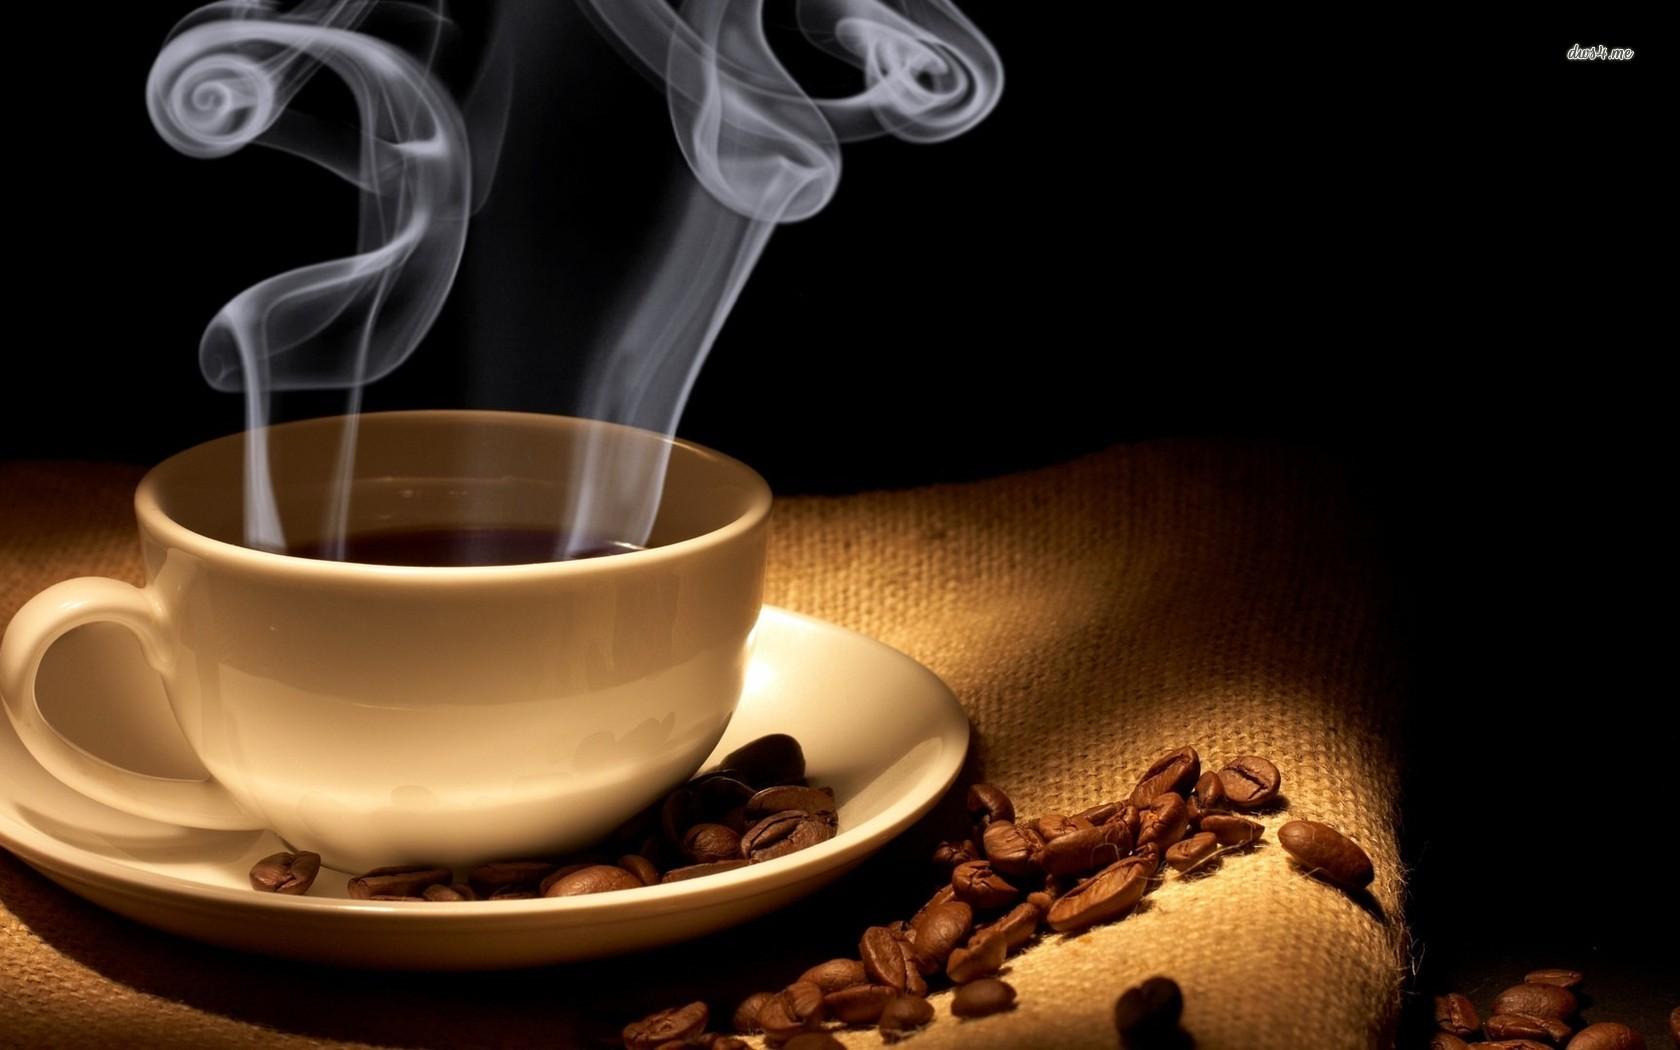 Сбор заказов. Кофе в зернах, молотый, кофейные напитки, капучино, горячий шоколад, сублимированные чаи, сухое молоко, сливки, молочные коктейли, топинги, кисели - согреют вас в офисе и дома. Горячий подарок на 14 и 23 февраля. Выкуп-10.